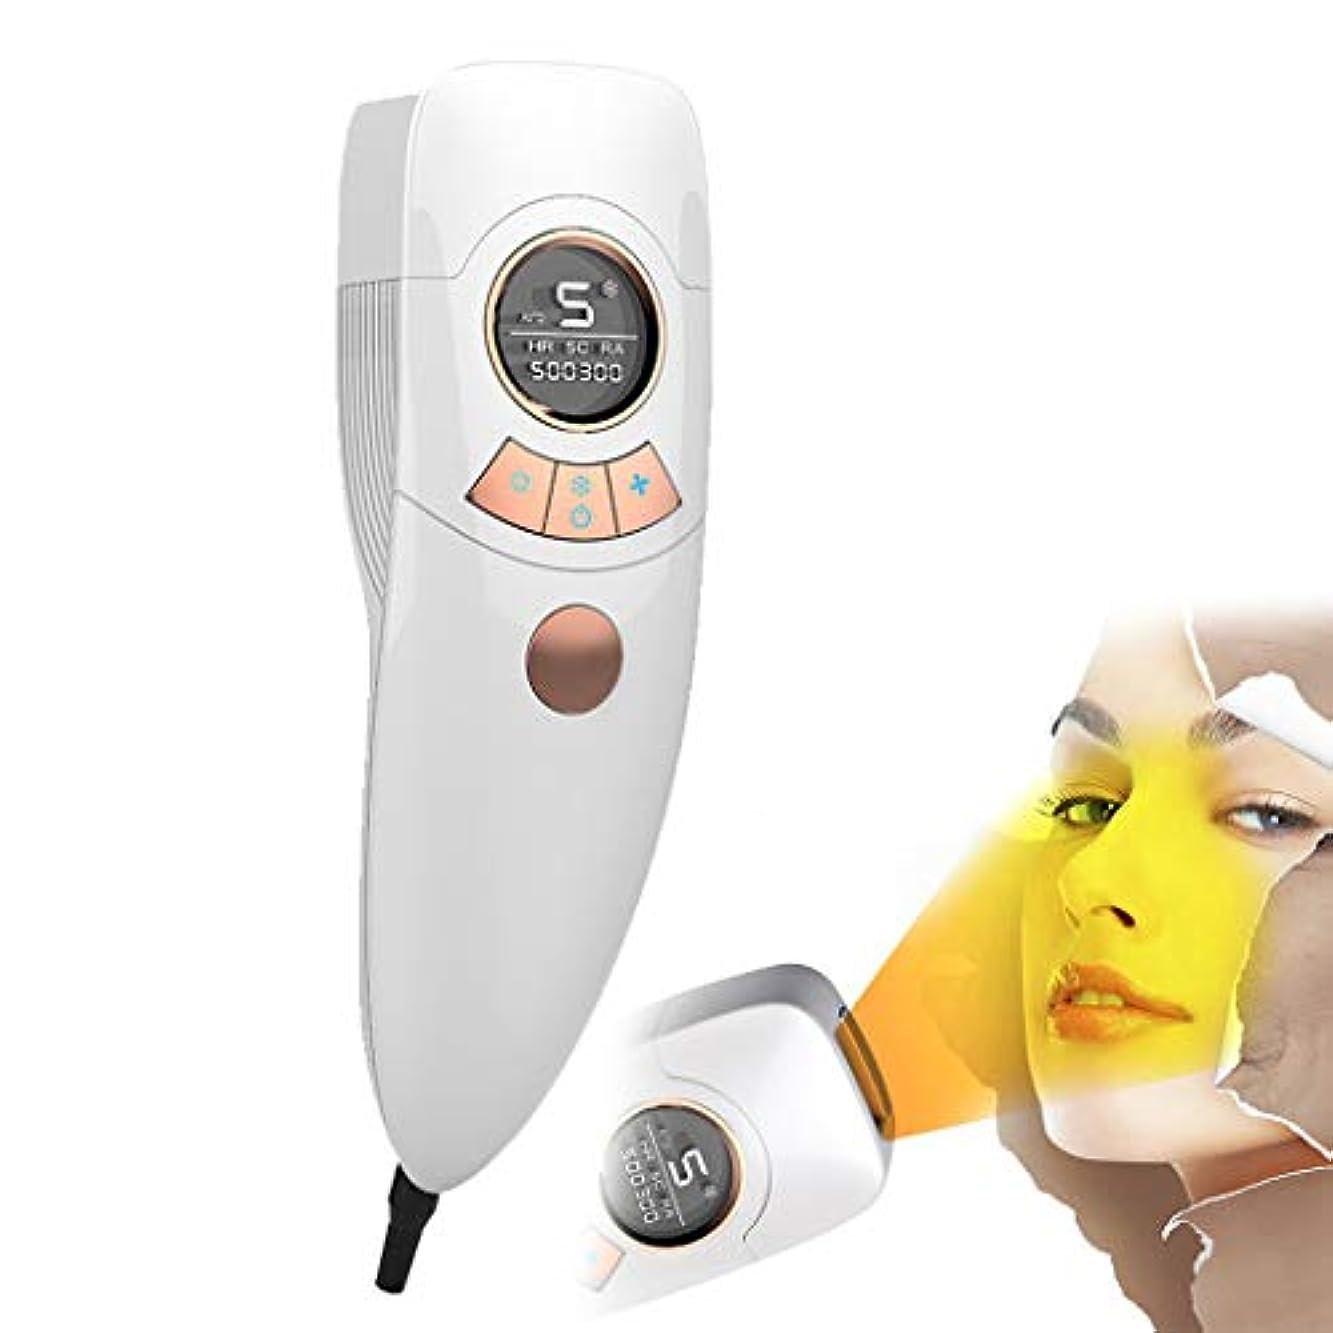 脈拍不機嫌そうな傾く電気脱毛装置は痛みがありません女性4で1充電式電気脱毛器の髪、ビキニエリア鼻脇の下腕の脚の痛みのない永久的な体毛リムーバー-White